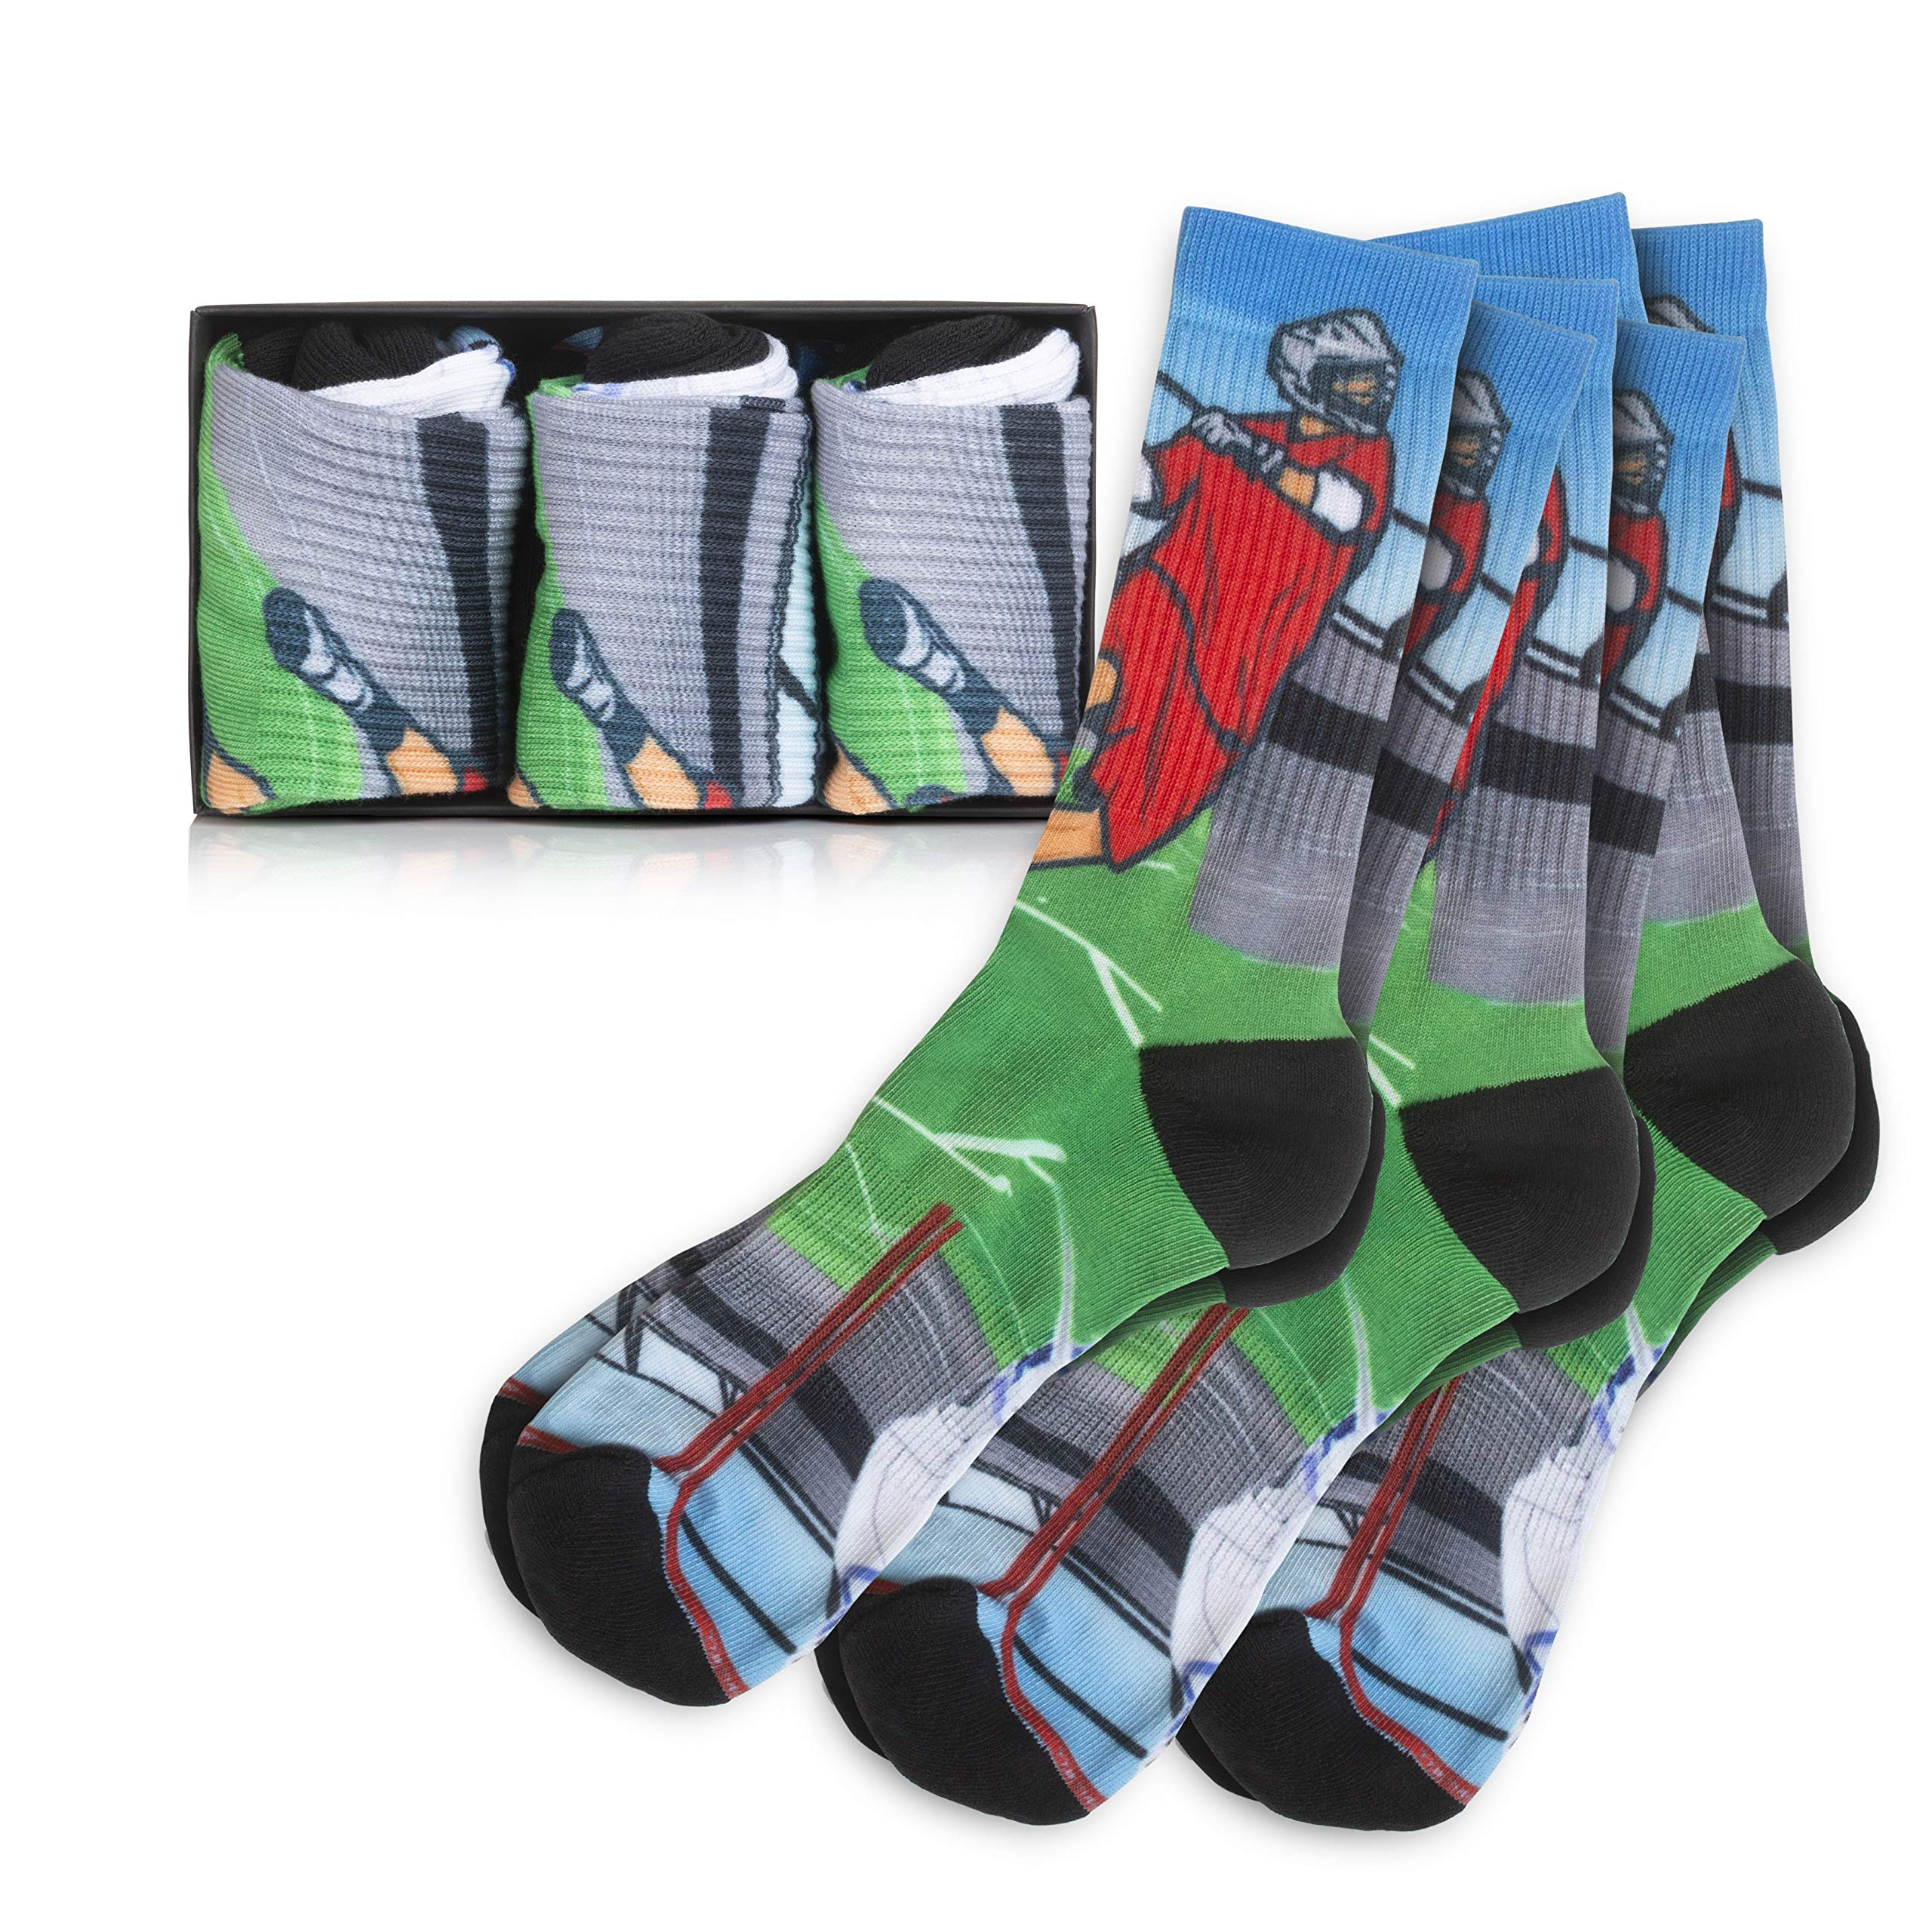 Lacrosse Socks 3 Pack (Small) by Lacrosse Scoop